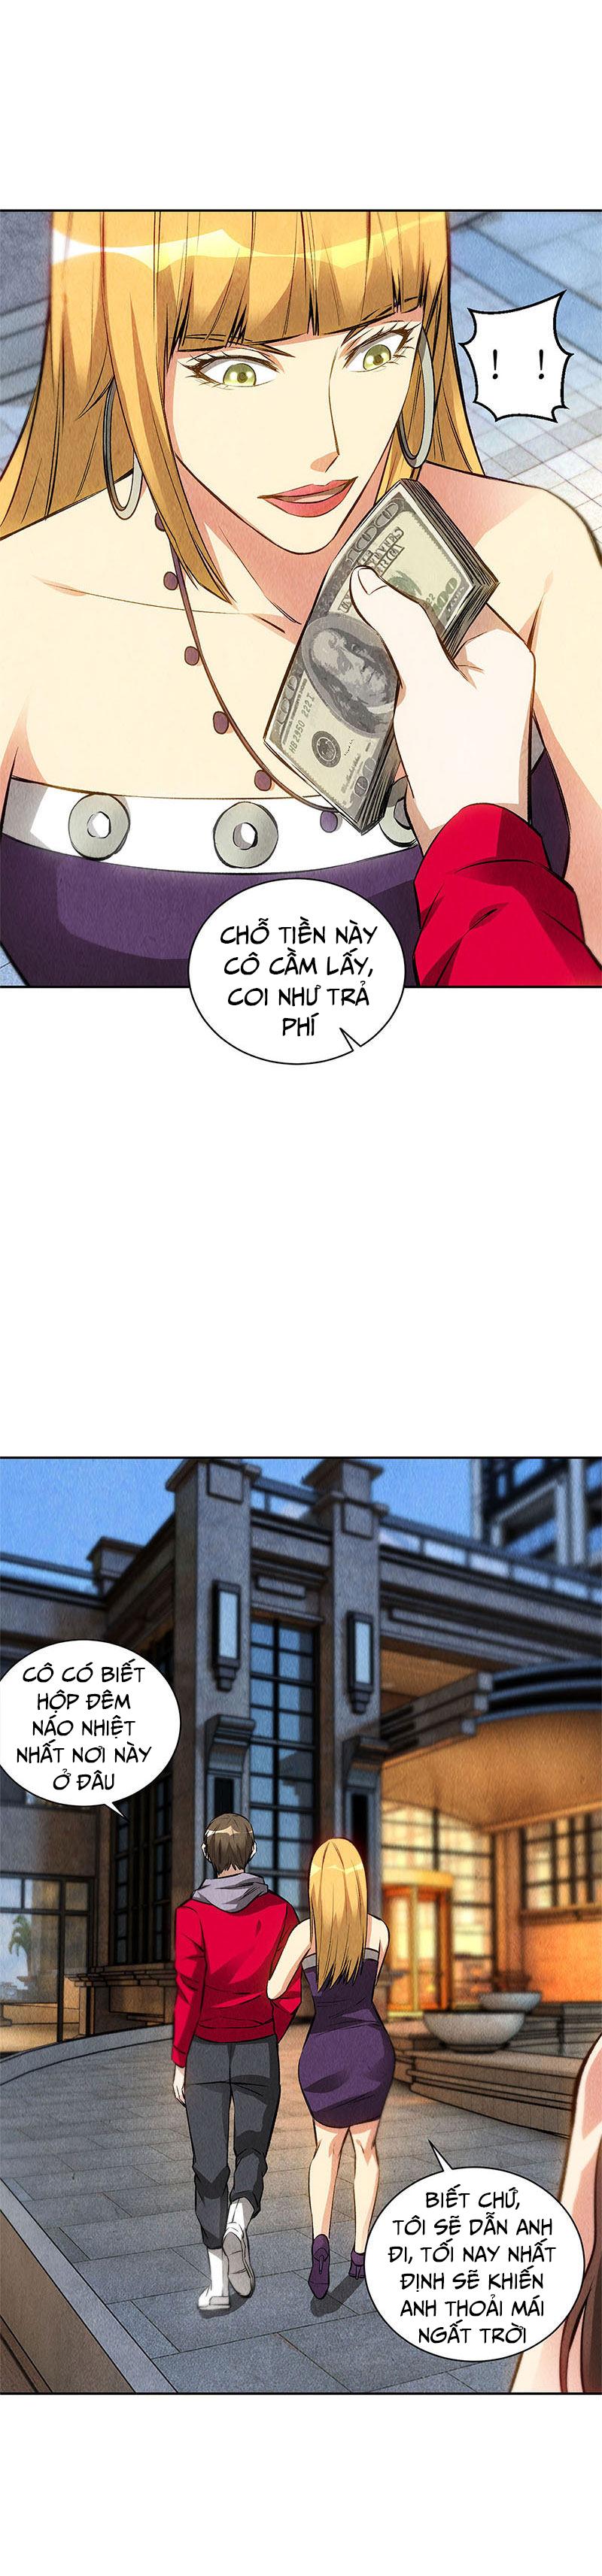 Ta Là Phế Vật chap 110 - Trang 18